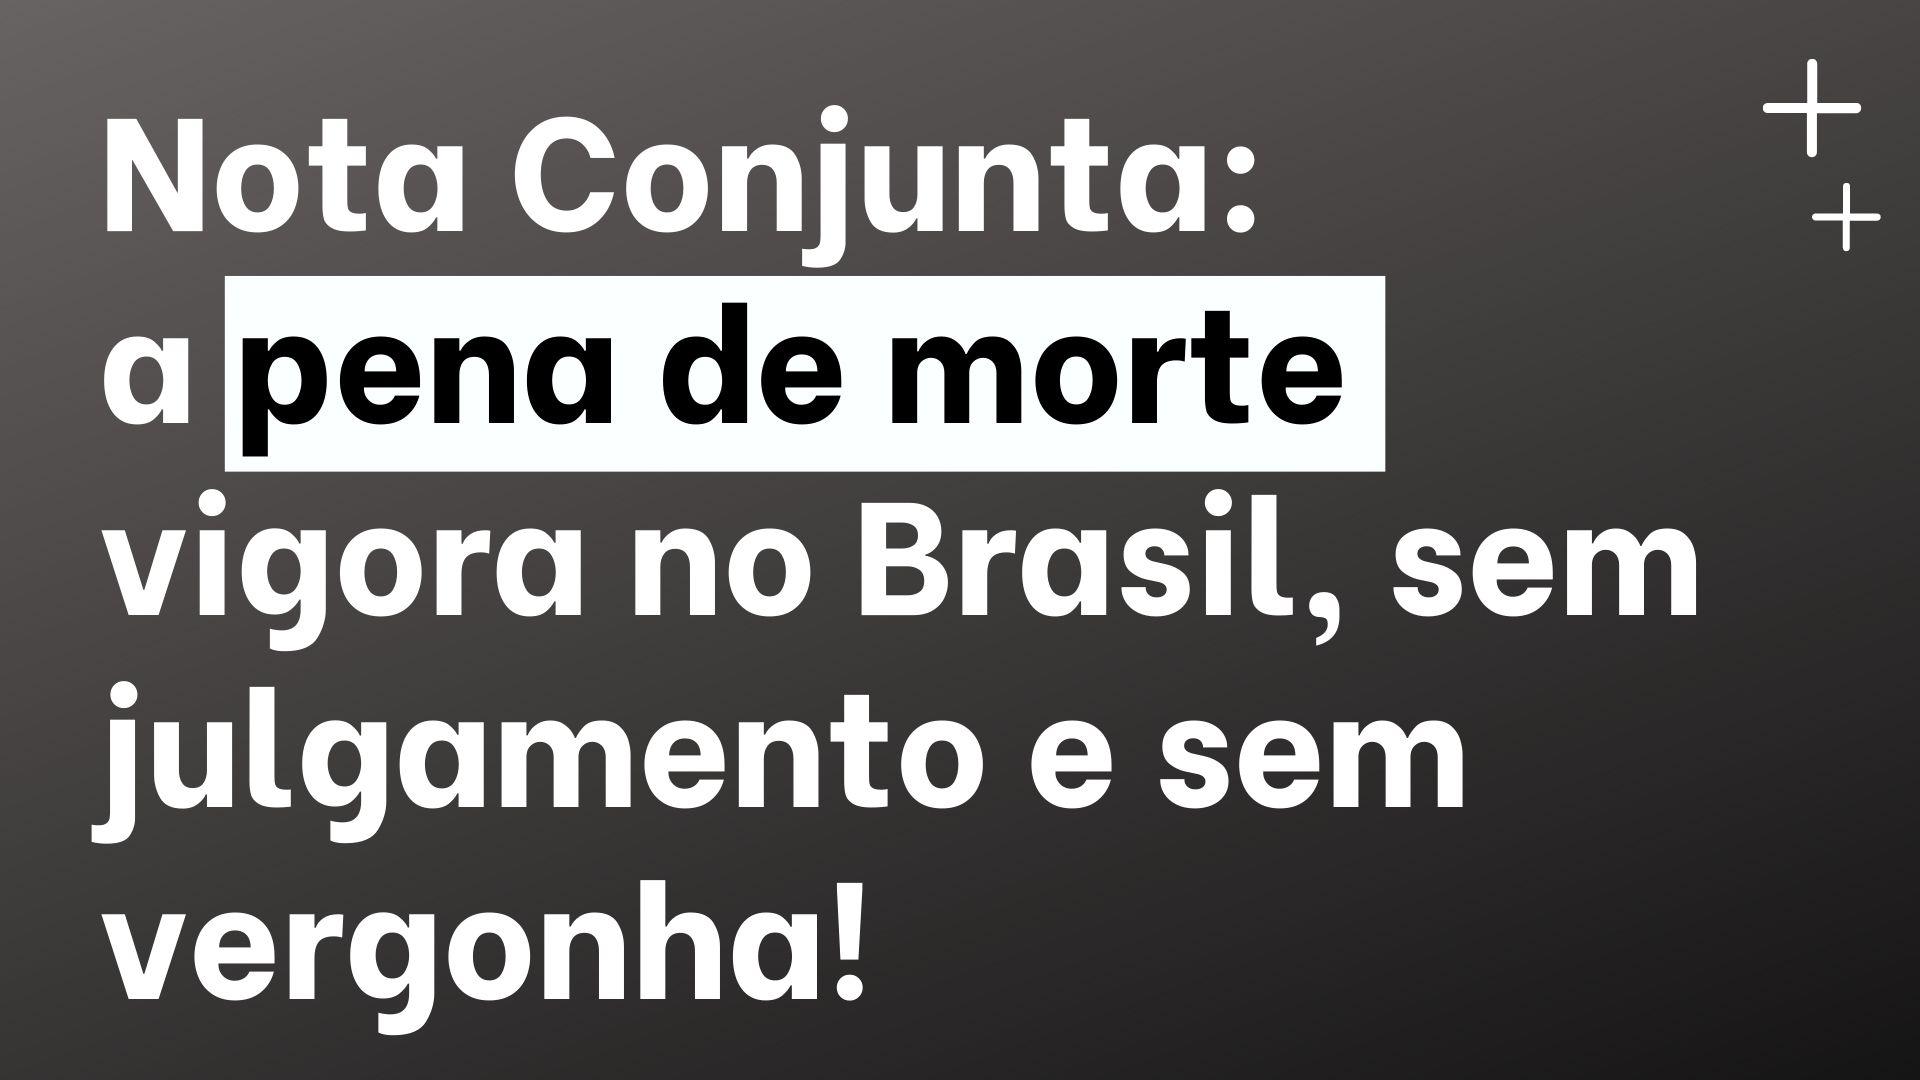 A pena de morte vigora no Brasil, sem julgamento e sem vergonha!